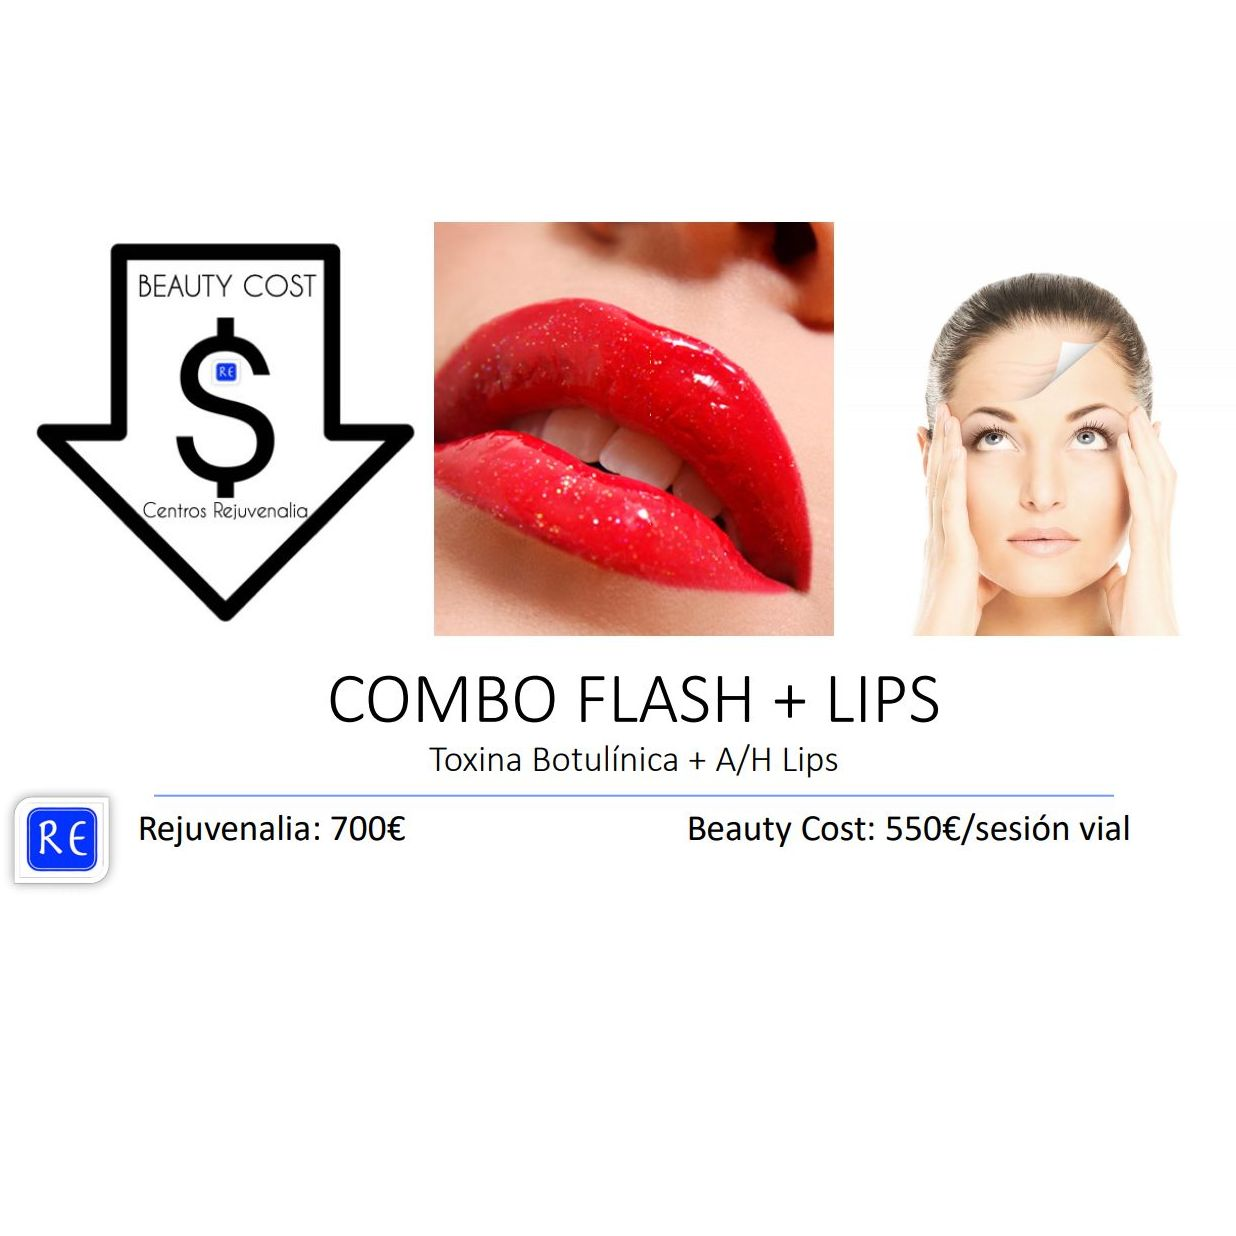 Combo Flash + Lips